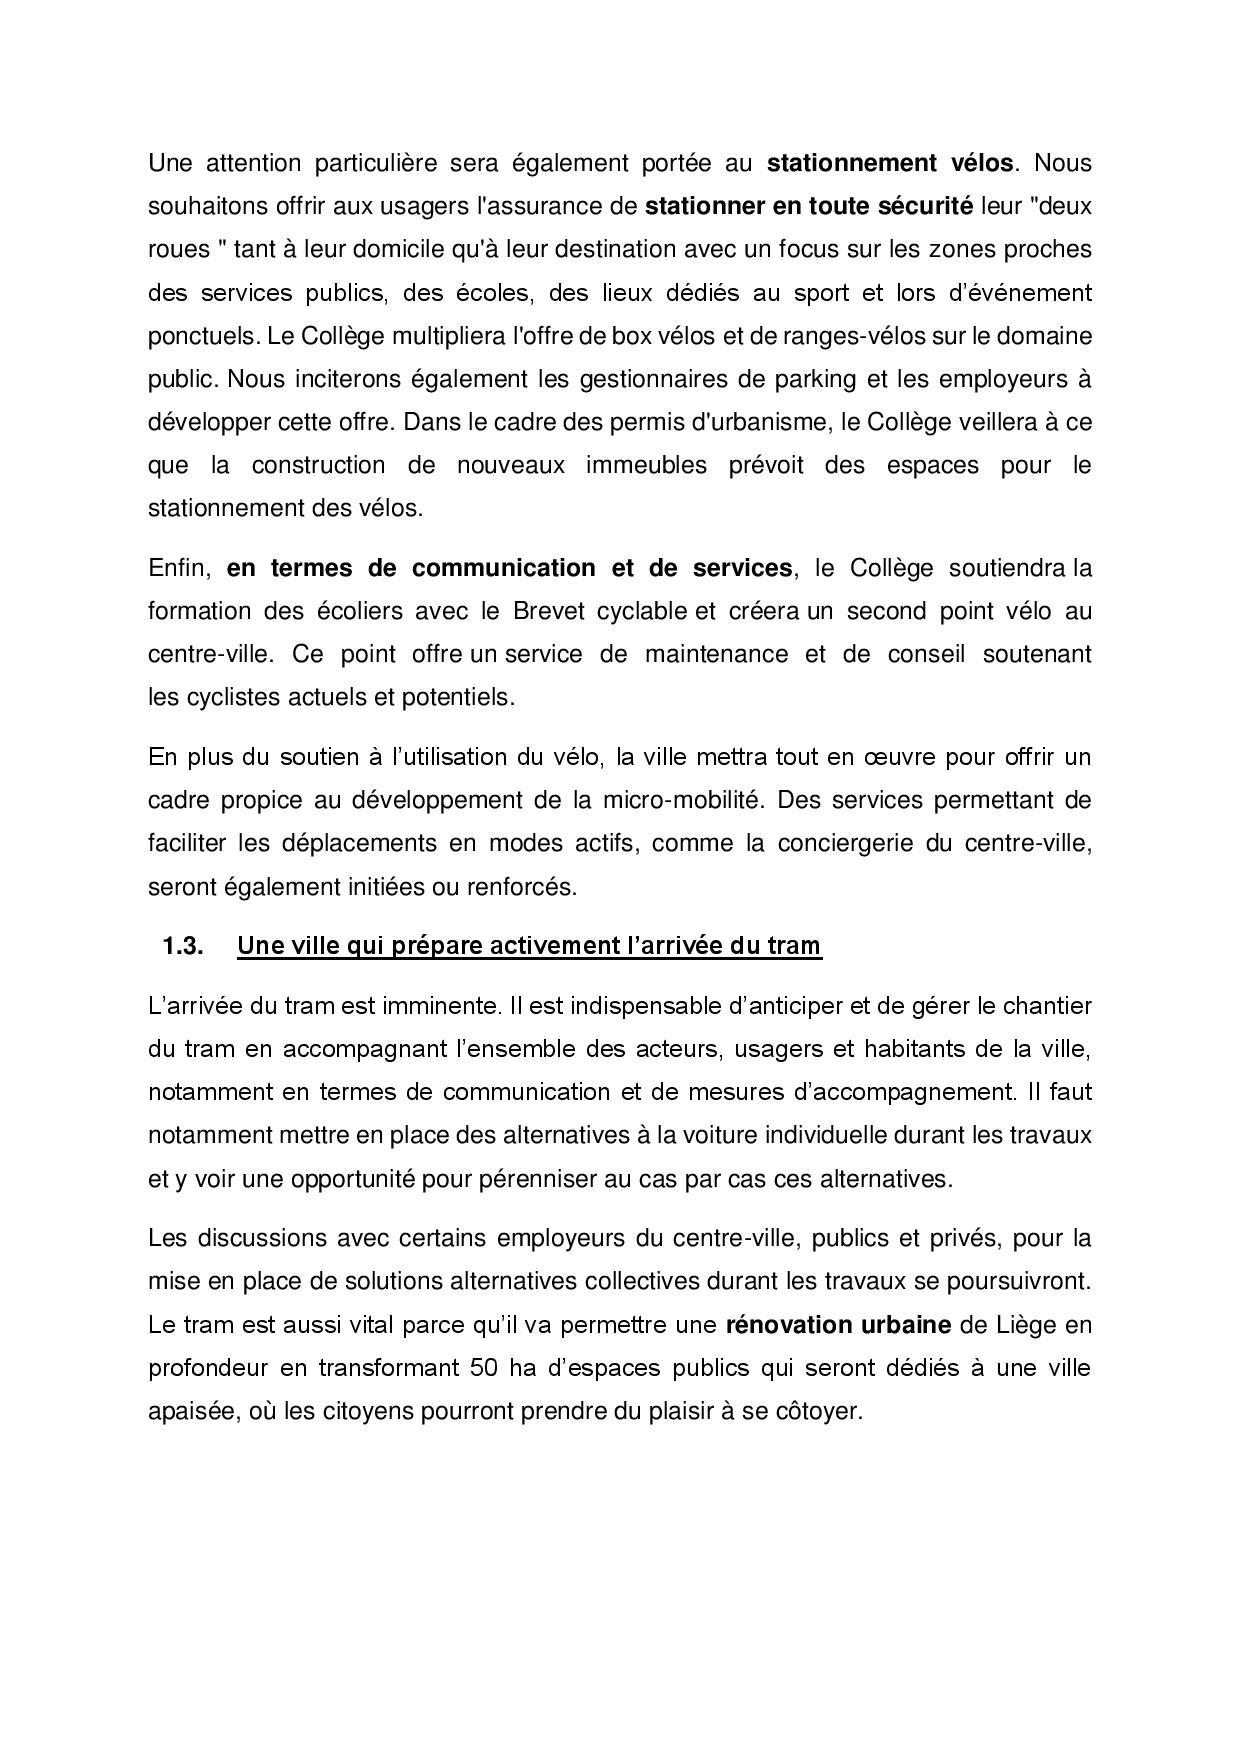 Mobilité (page 04)